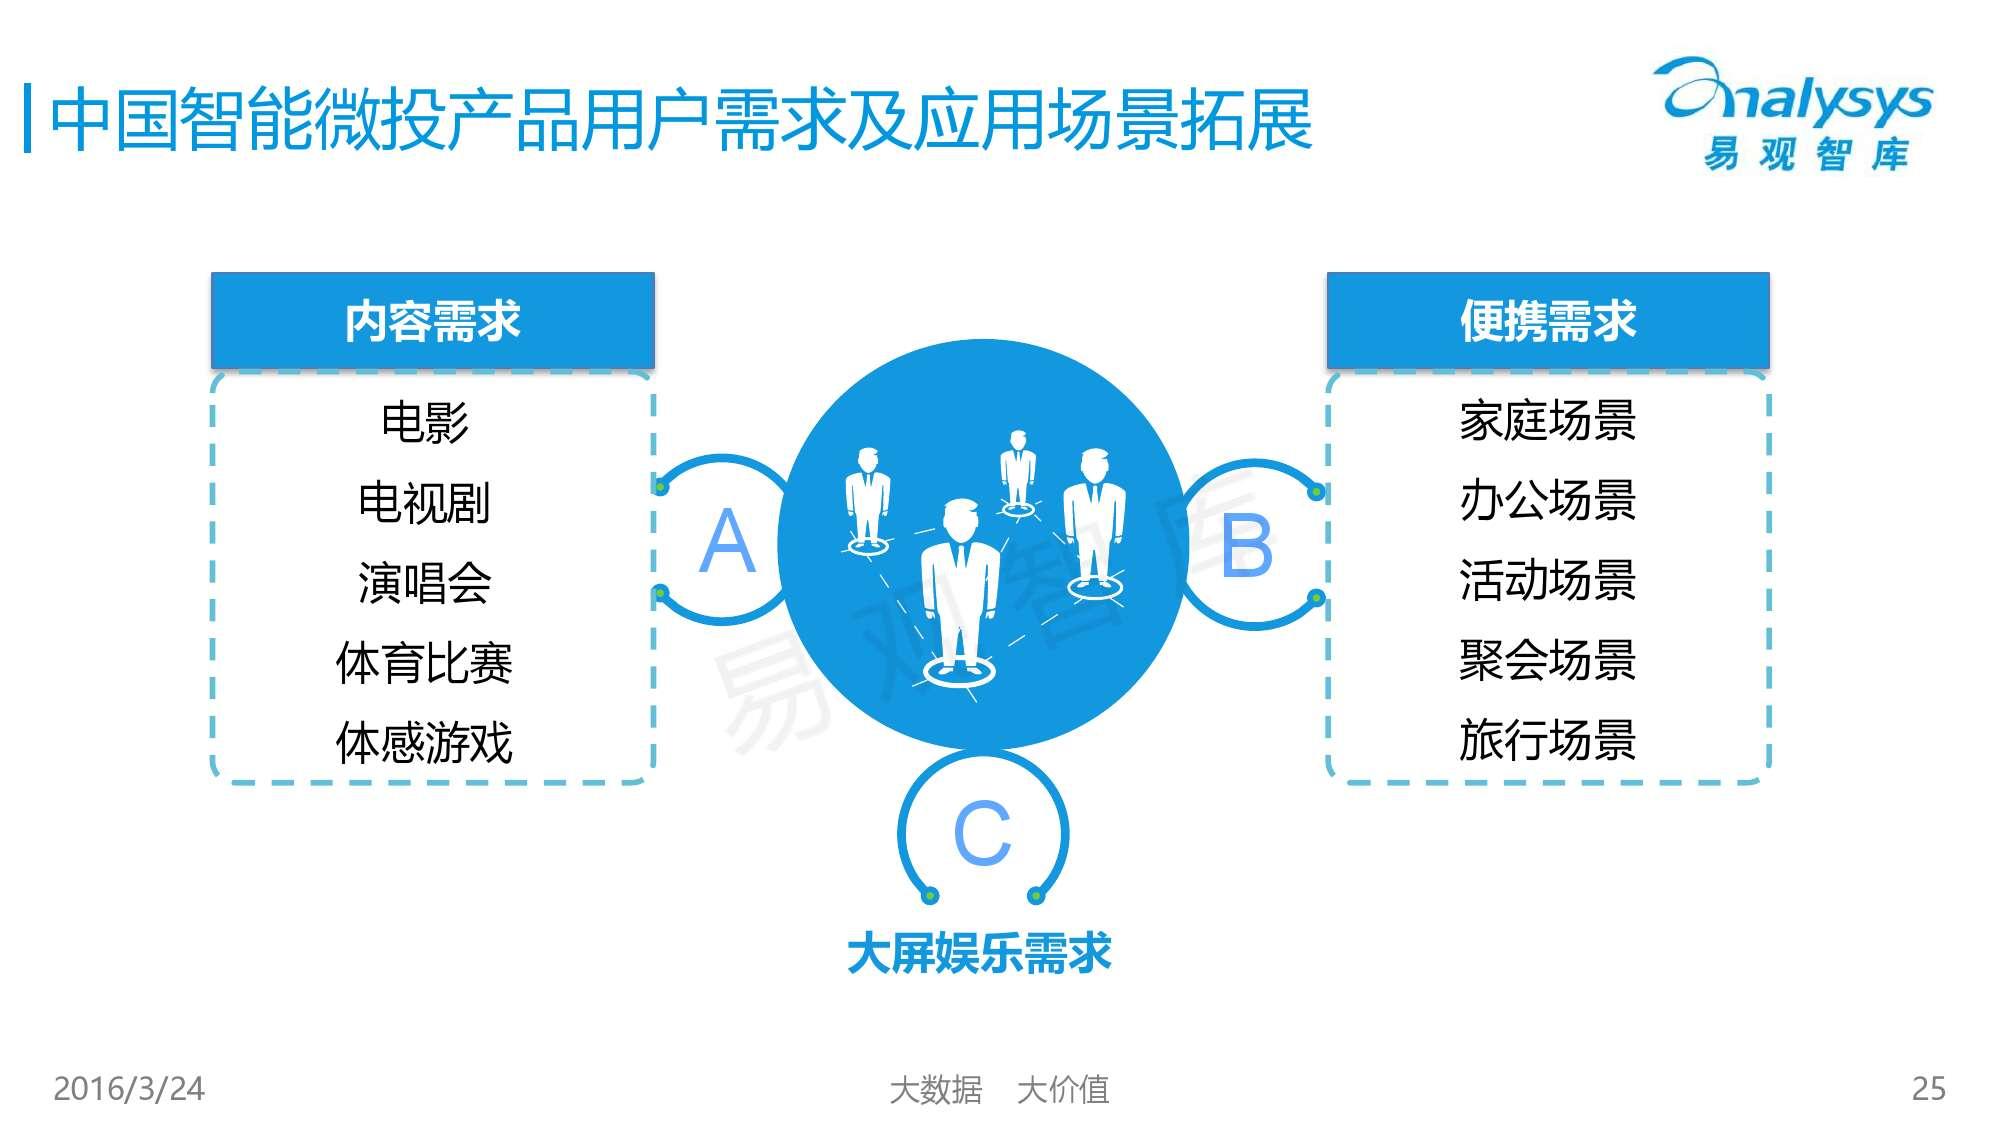 中国智能微投市场专题研究报告2016_000025